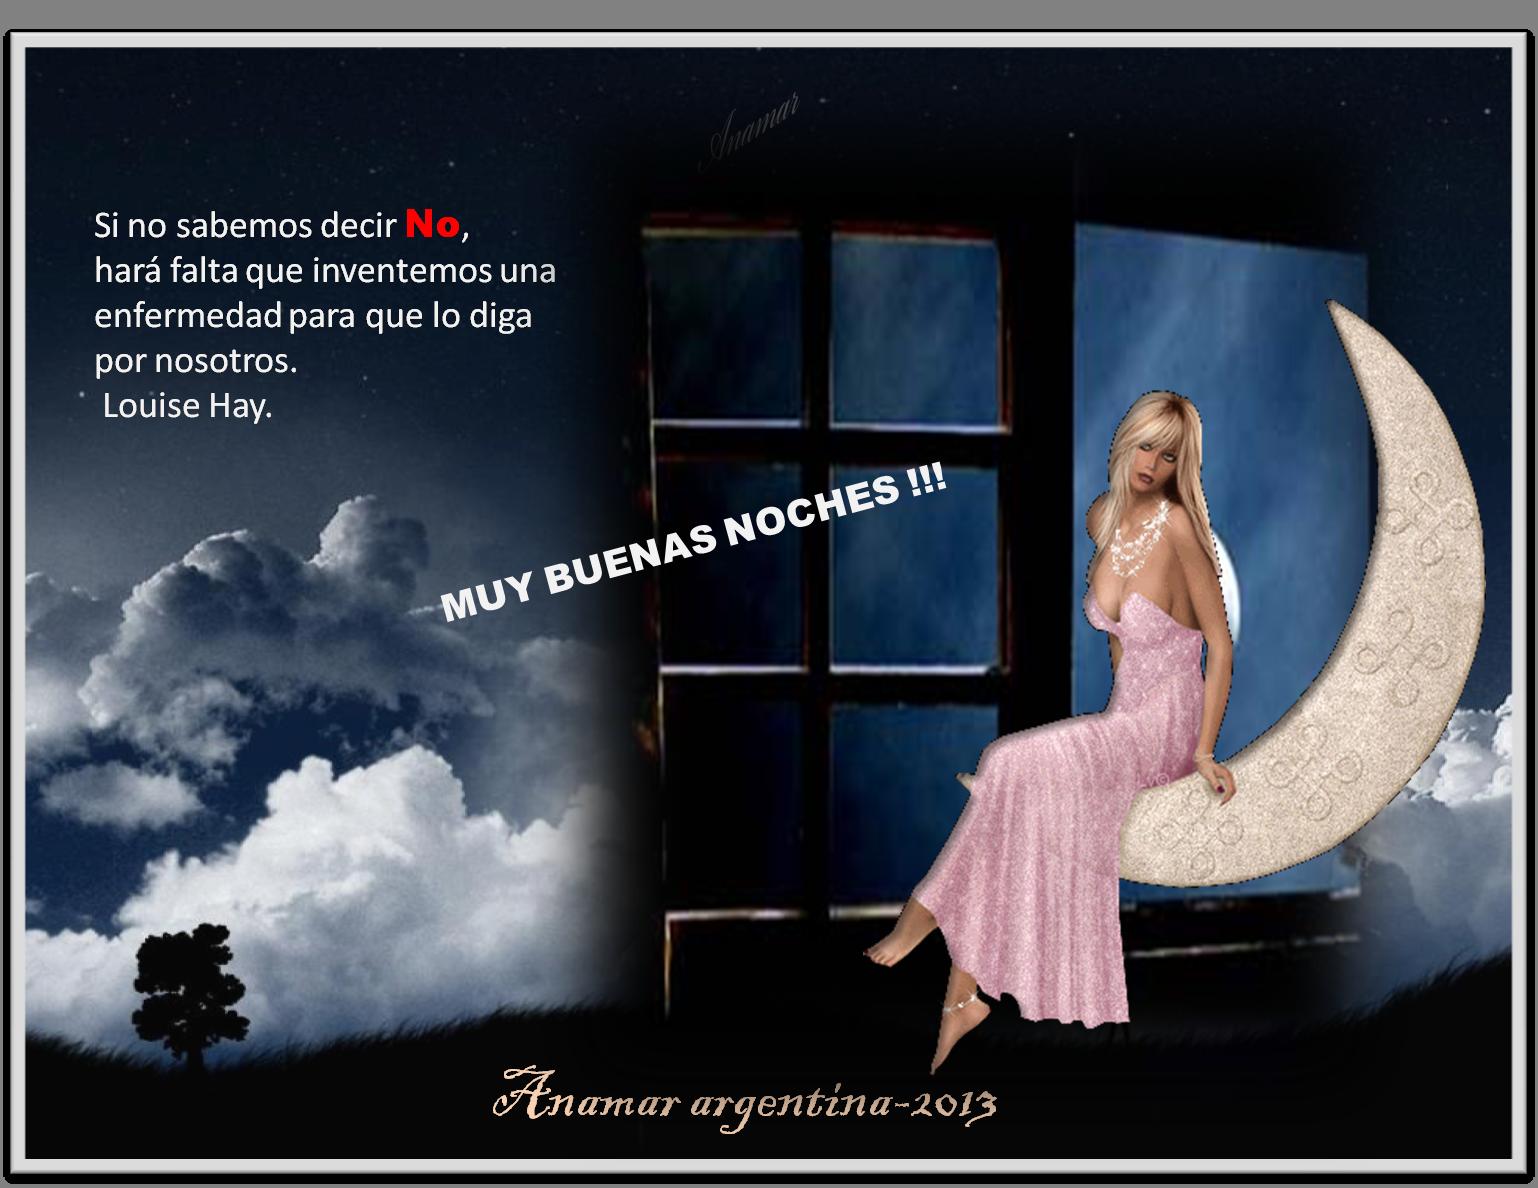 ... buenos días ¡¡¡  tarde y noche ¡¡¡... Buenas-noches-con-frase-de-louise-hay-anamar-argentina-2013